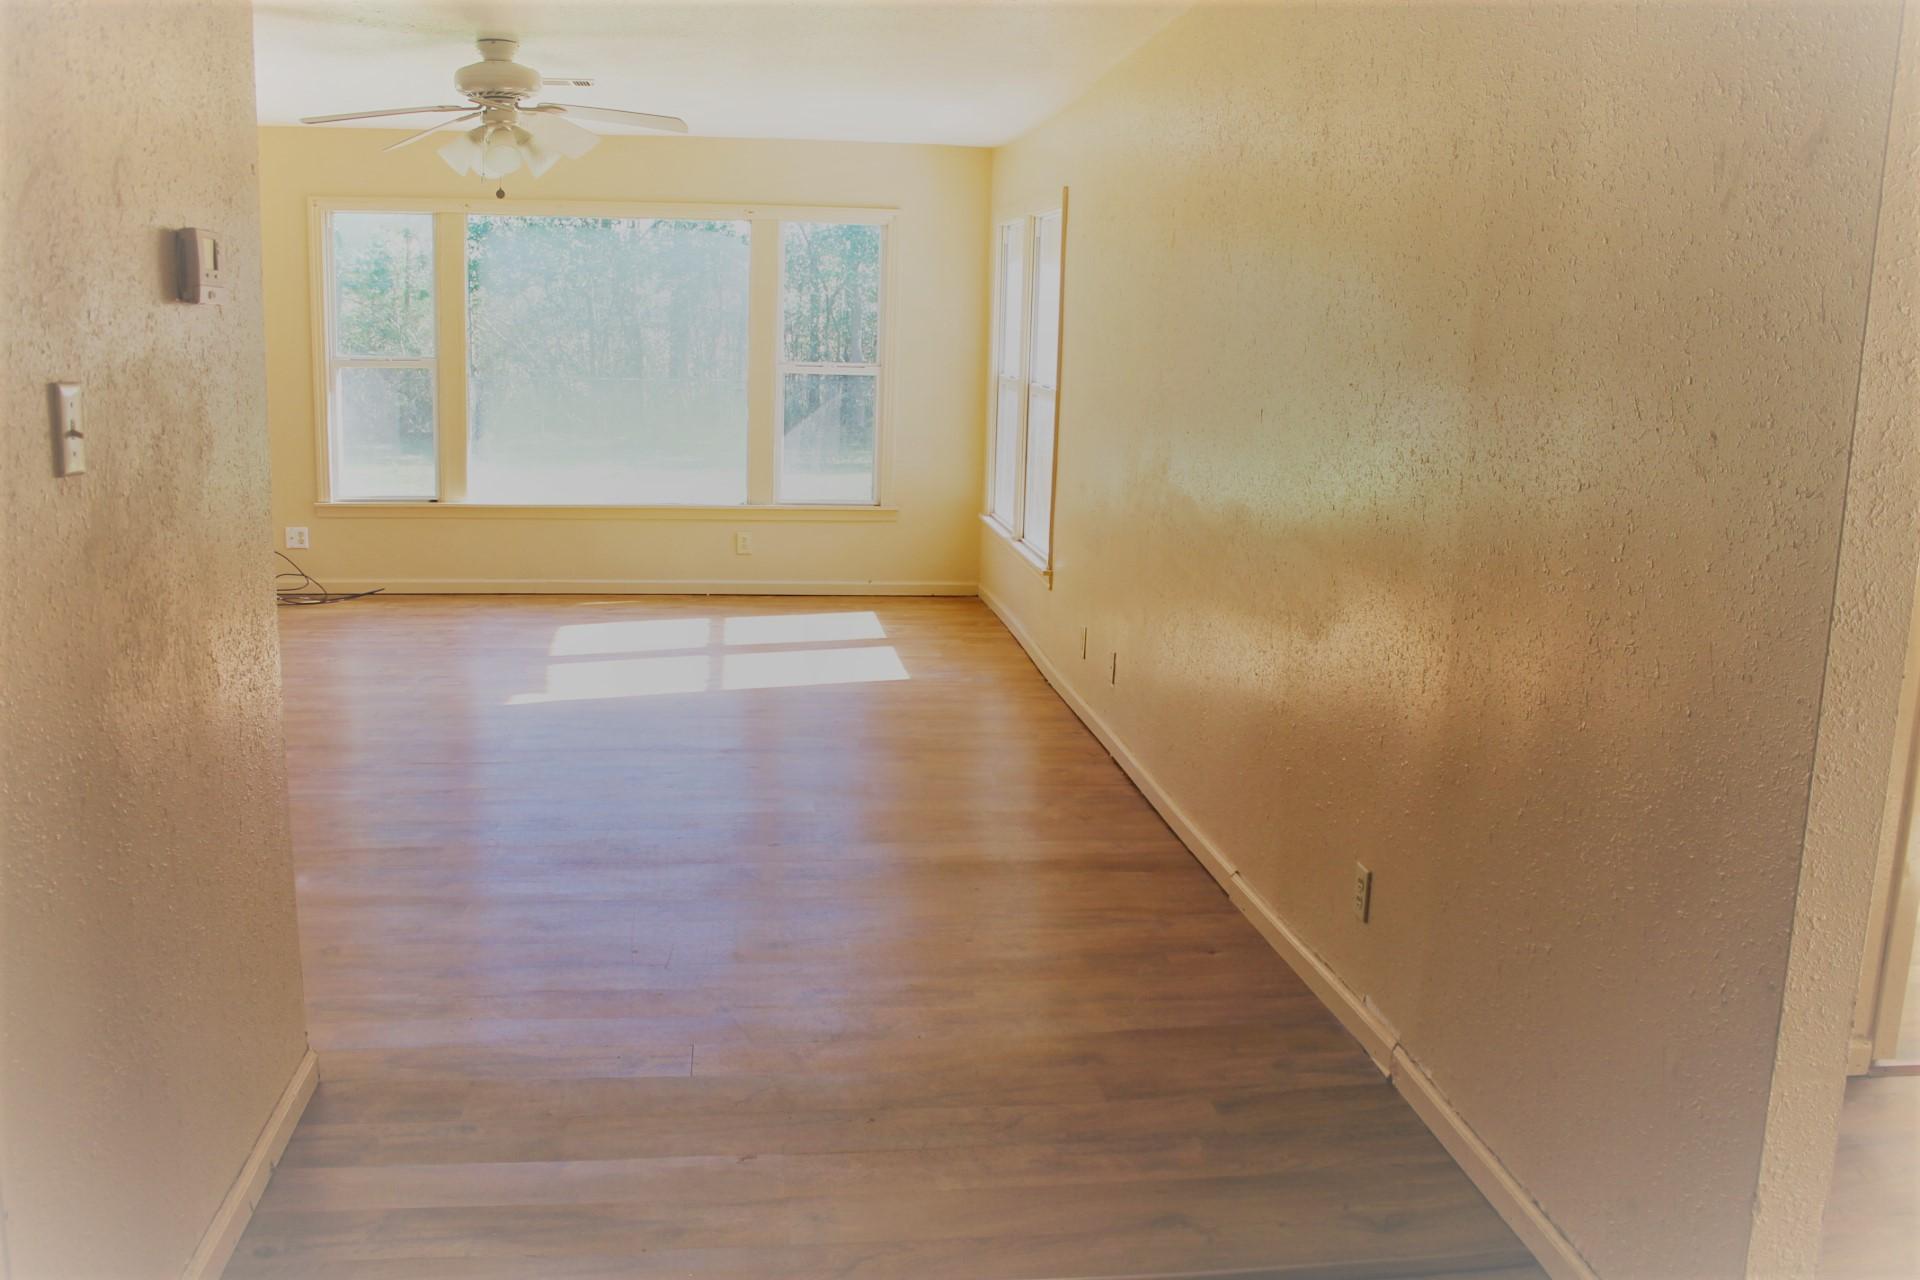 DeRidder home for sale, 614 Frusha, DeRidder LA - $105,000